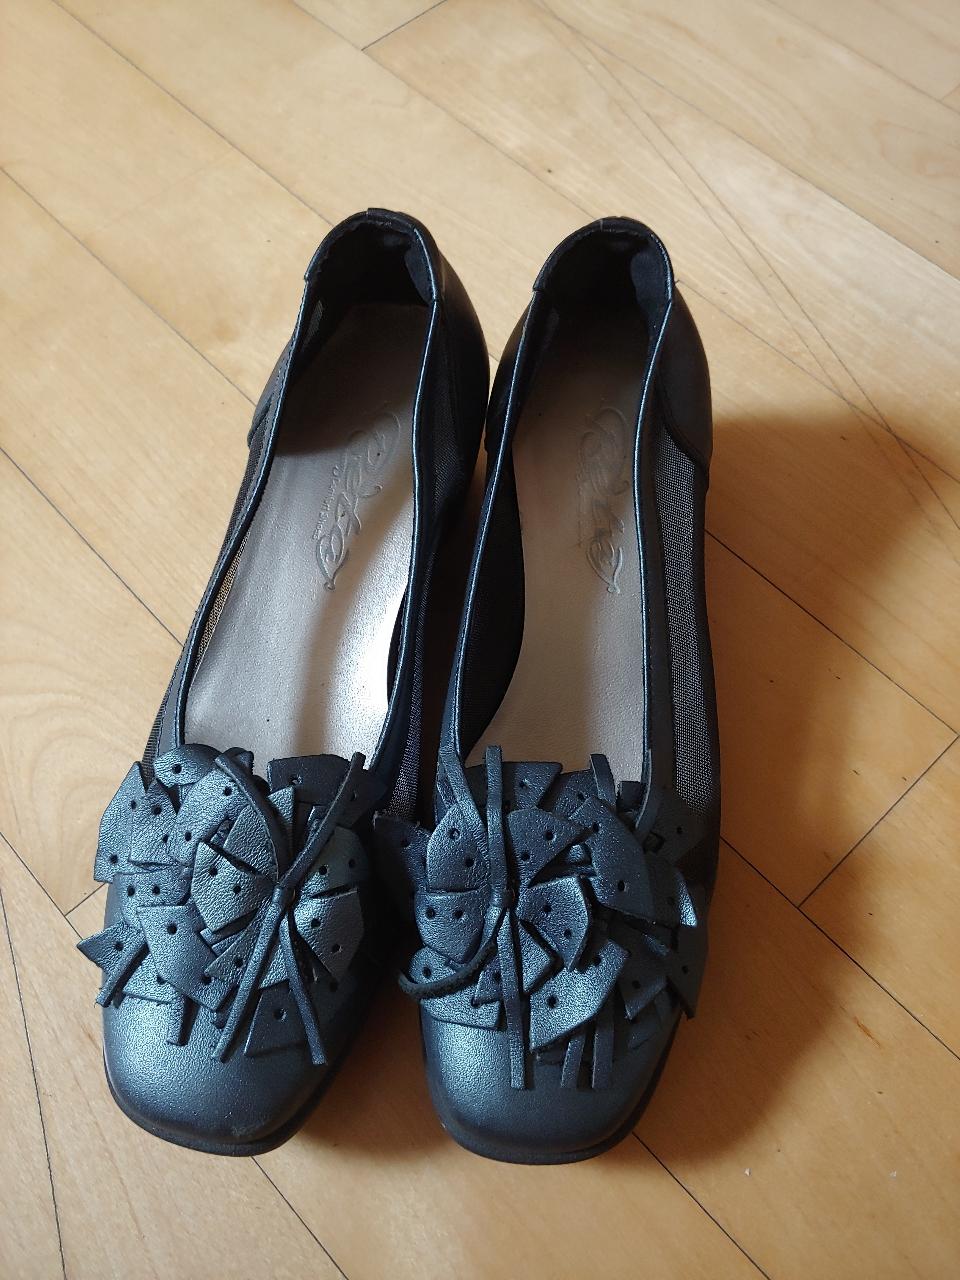 신발정리 해요~!